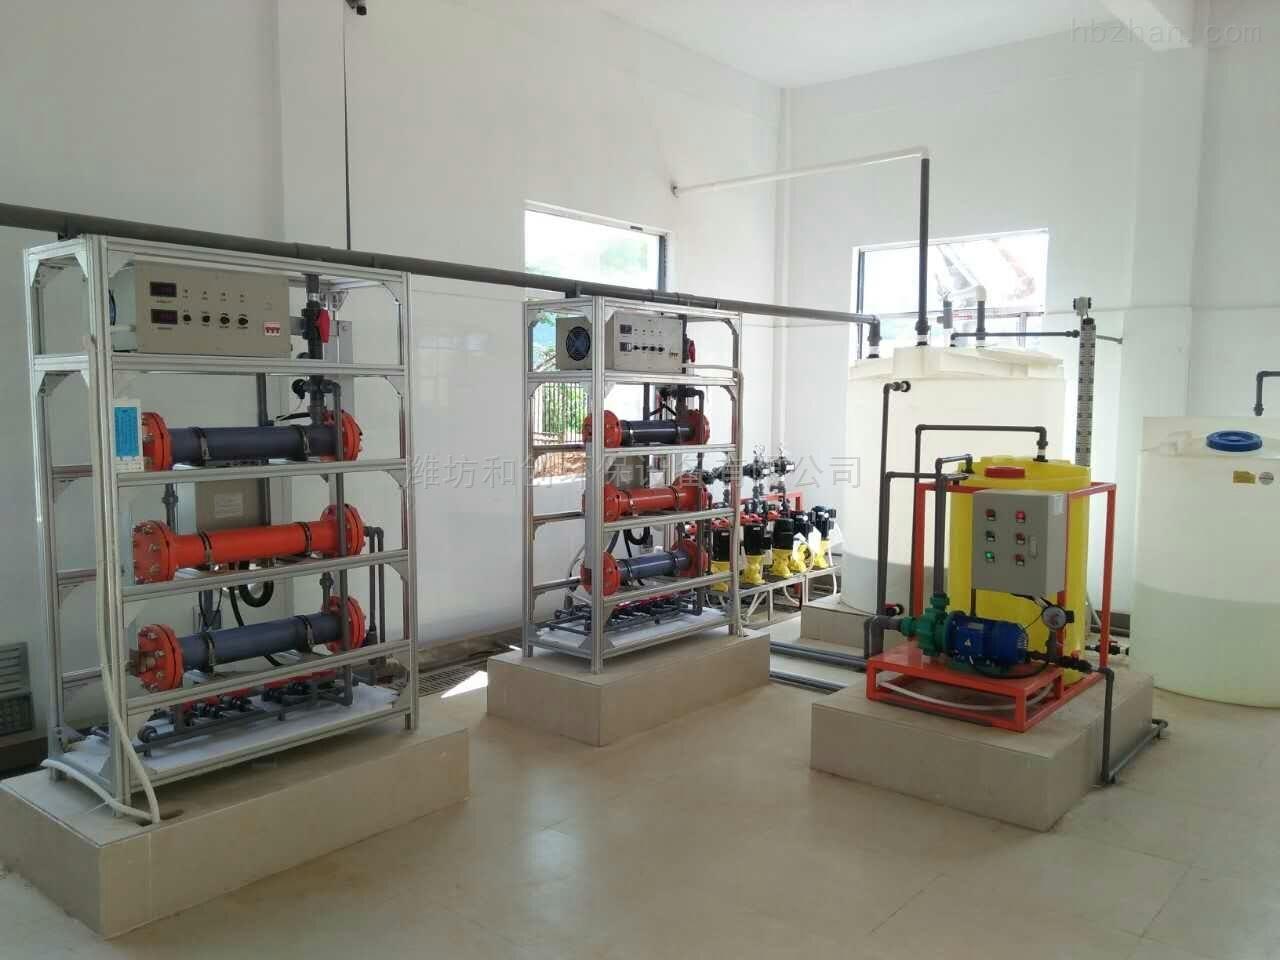 农村安全饮水消毒设备次氯酸钠发生器厂家